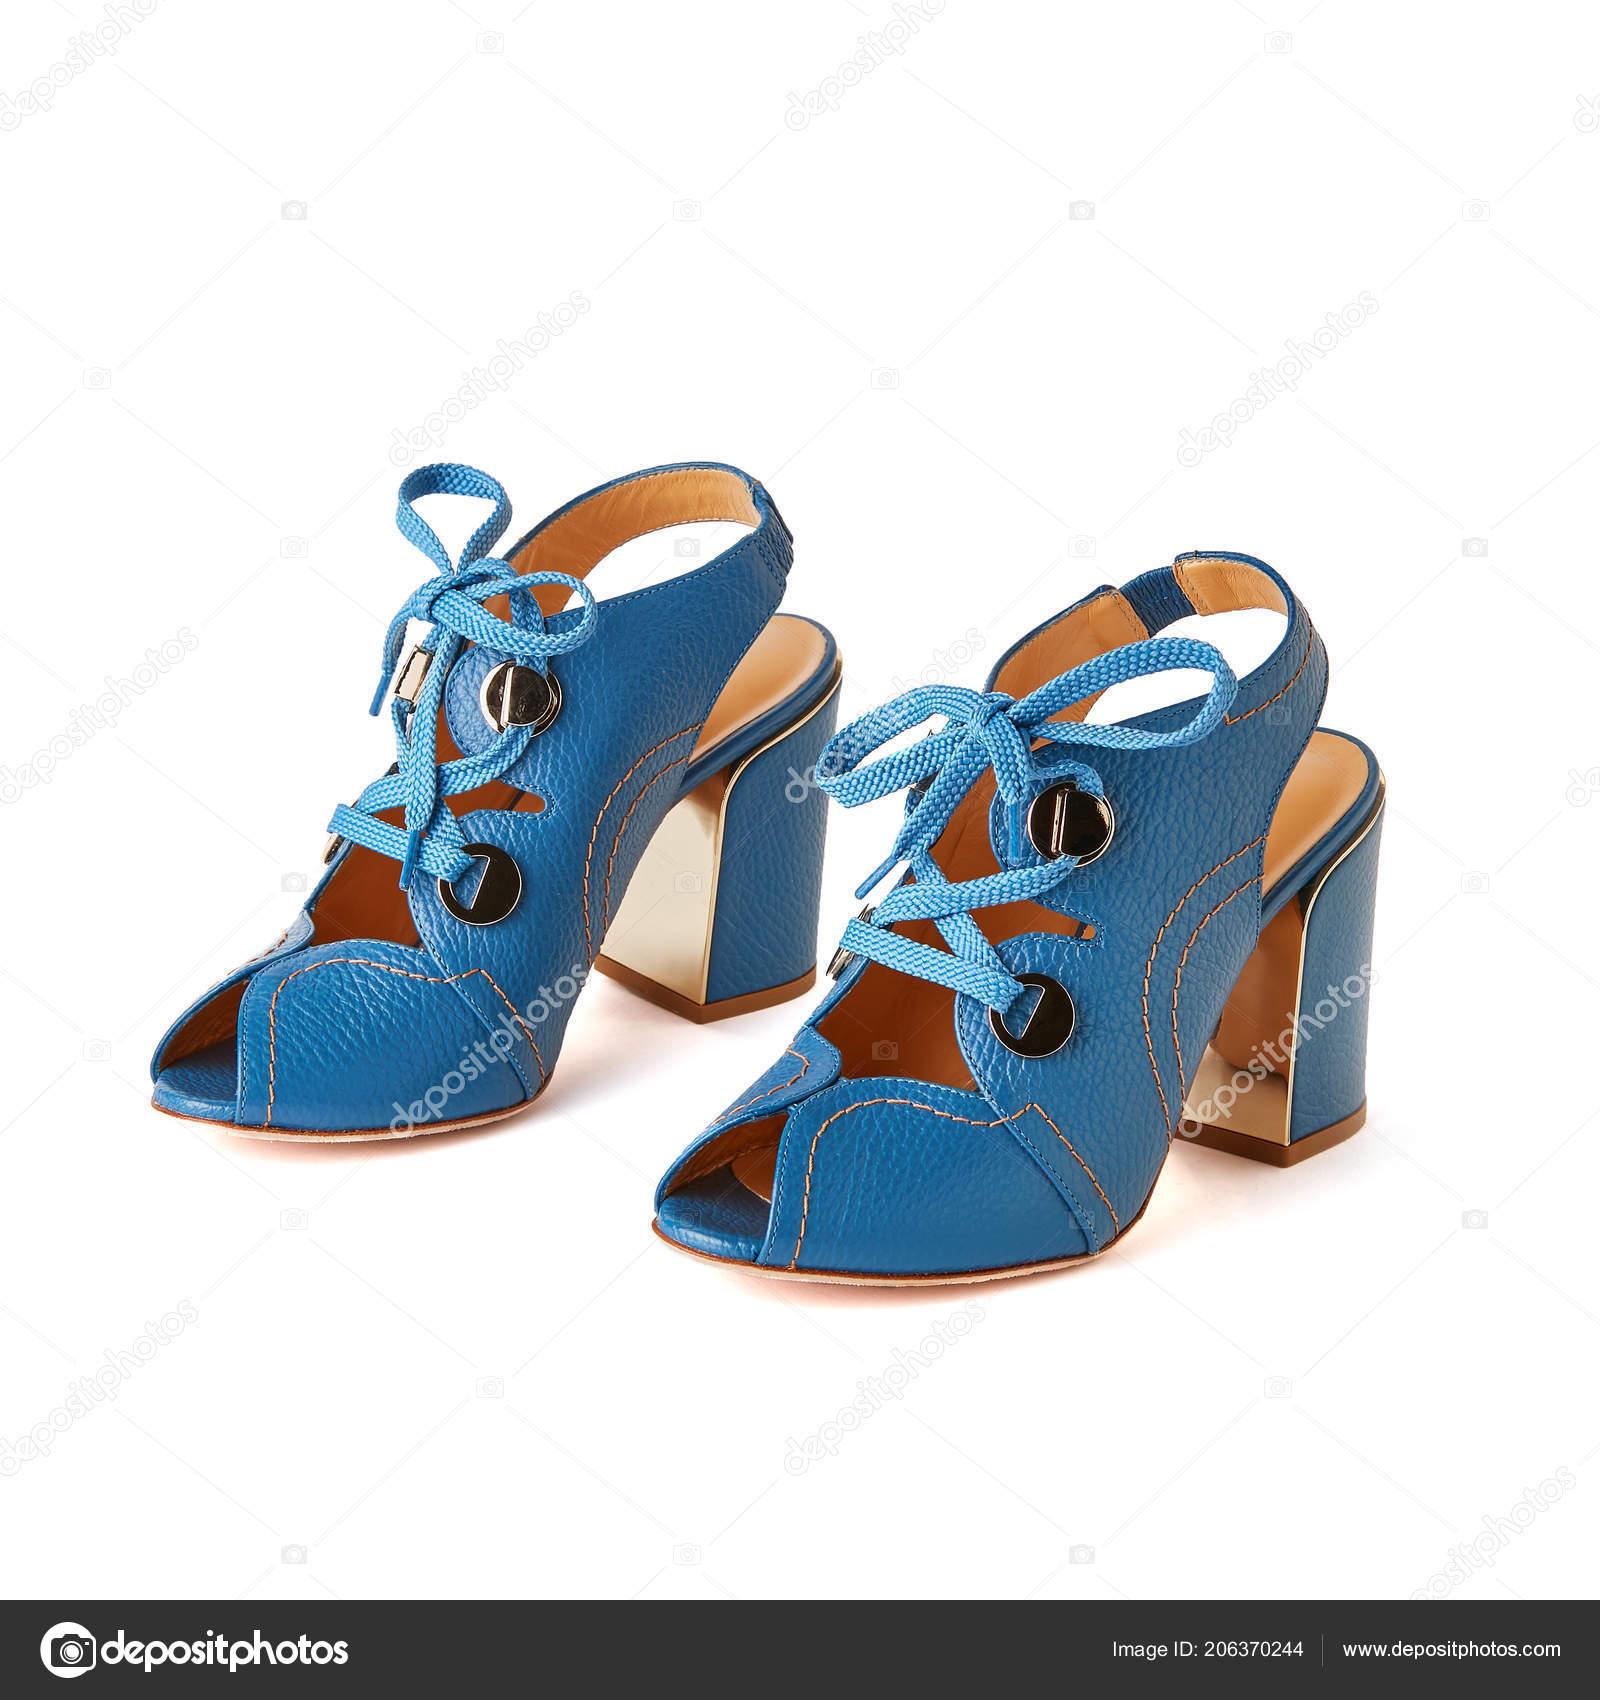 71ac6964e2 Rendas Dedo Aberto Azul Até Sandálias Salto Bloco Com Detalhes — Fotografia  de Stock